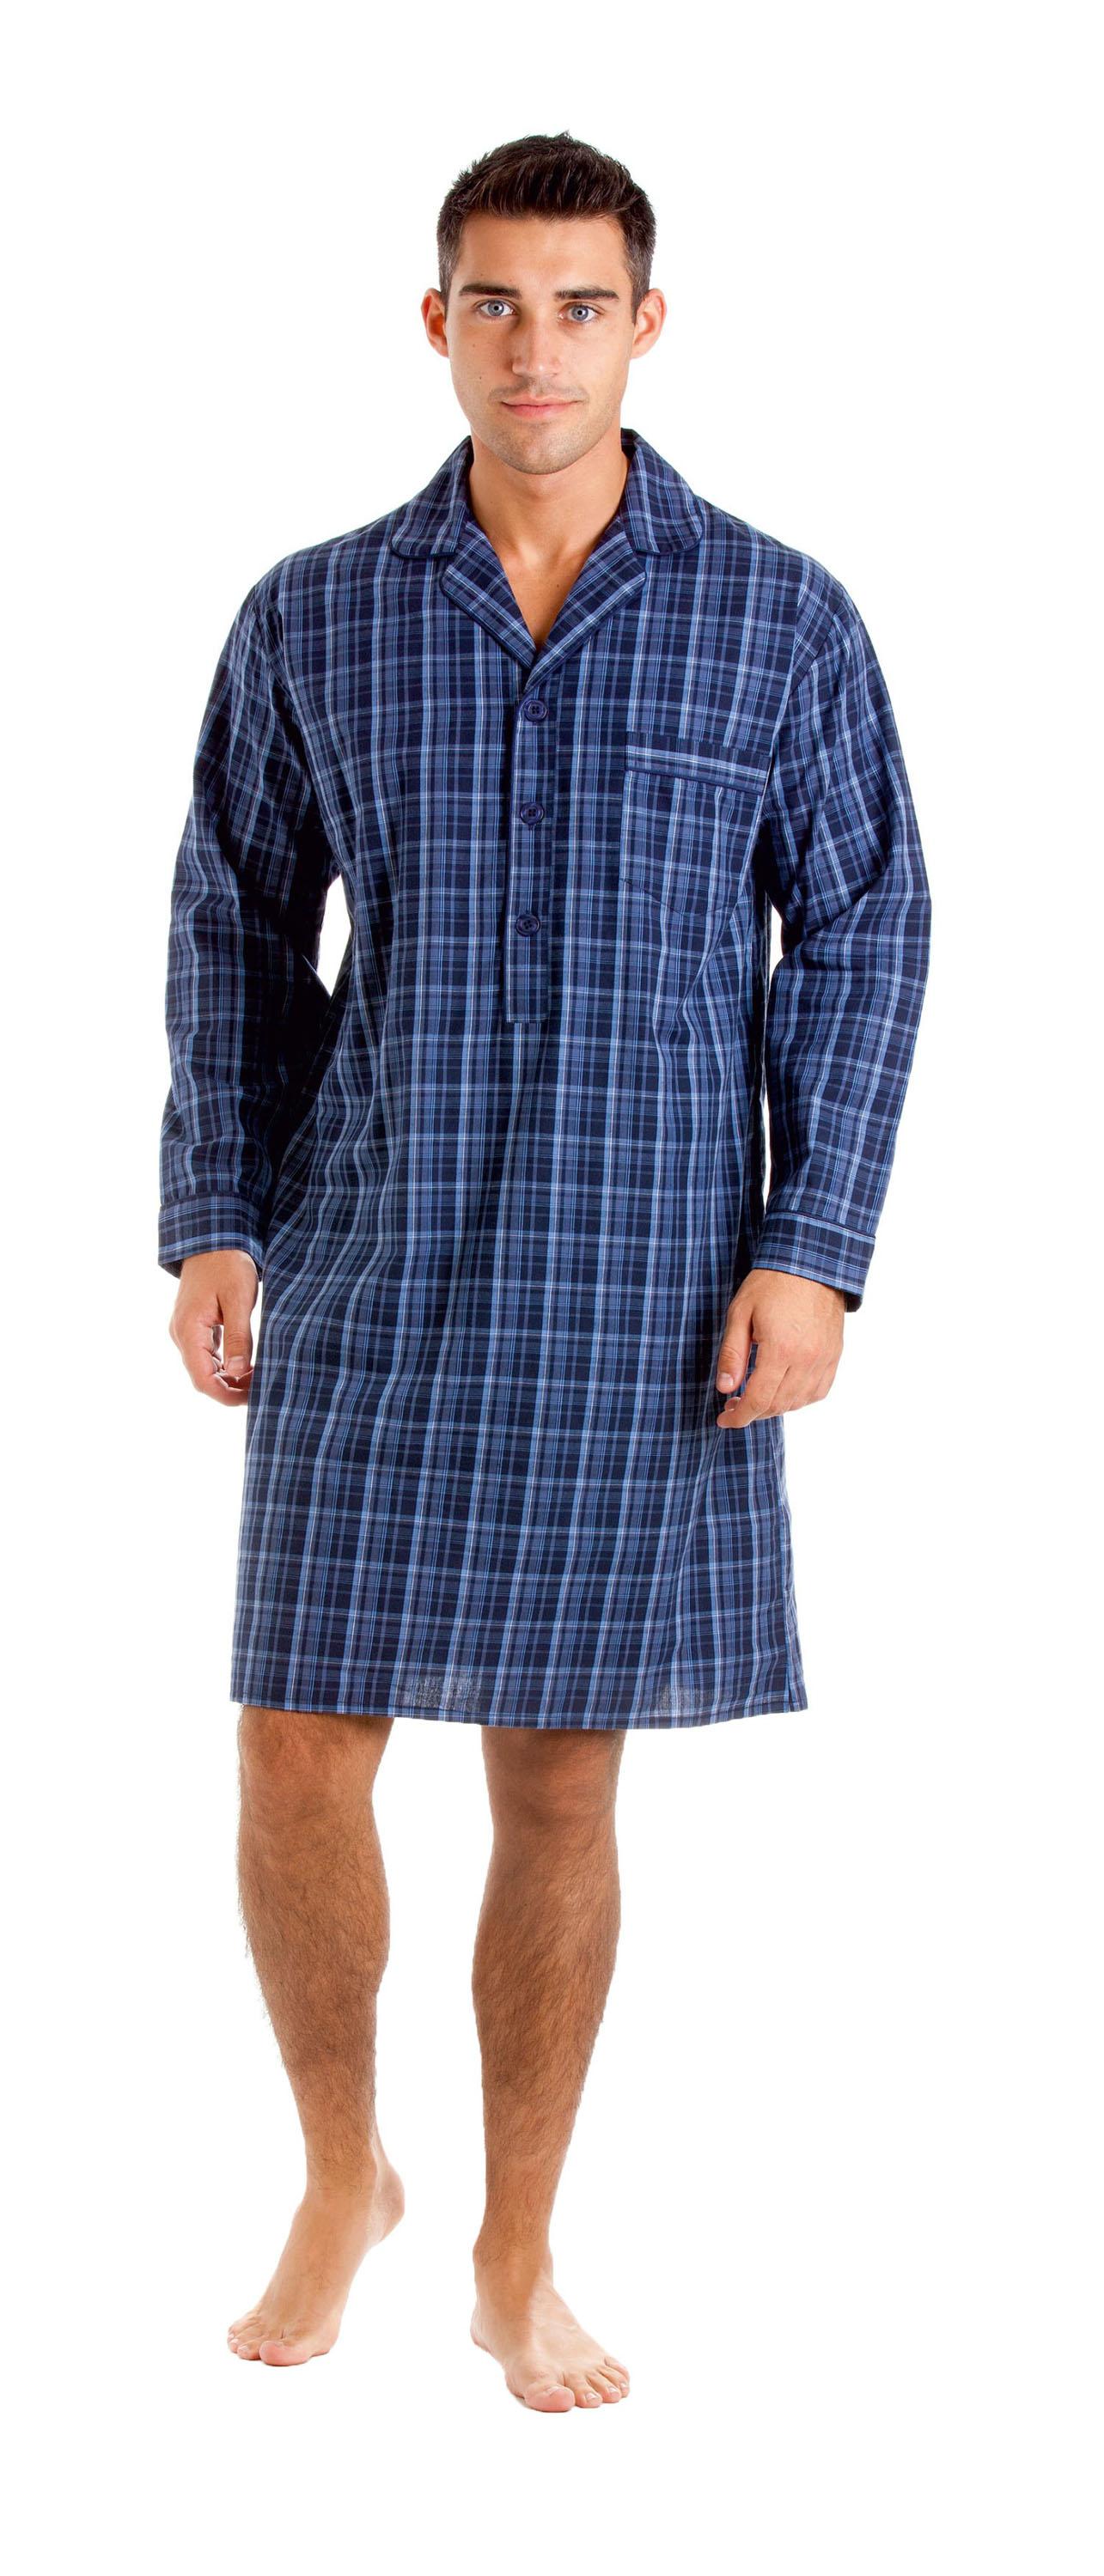 Haigman-Hombre-Lujo-Algodon-Popelina-Camison-Pijama-Ropa-Comoda-7391